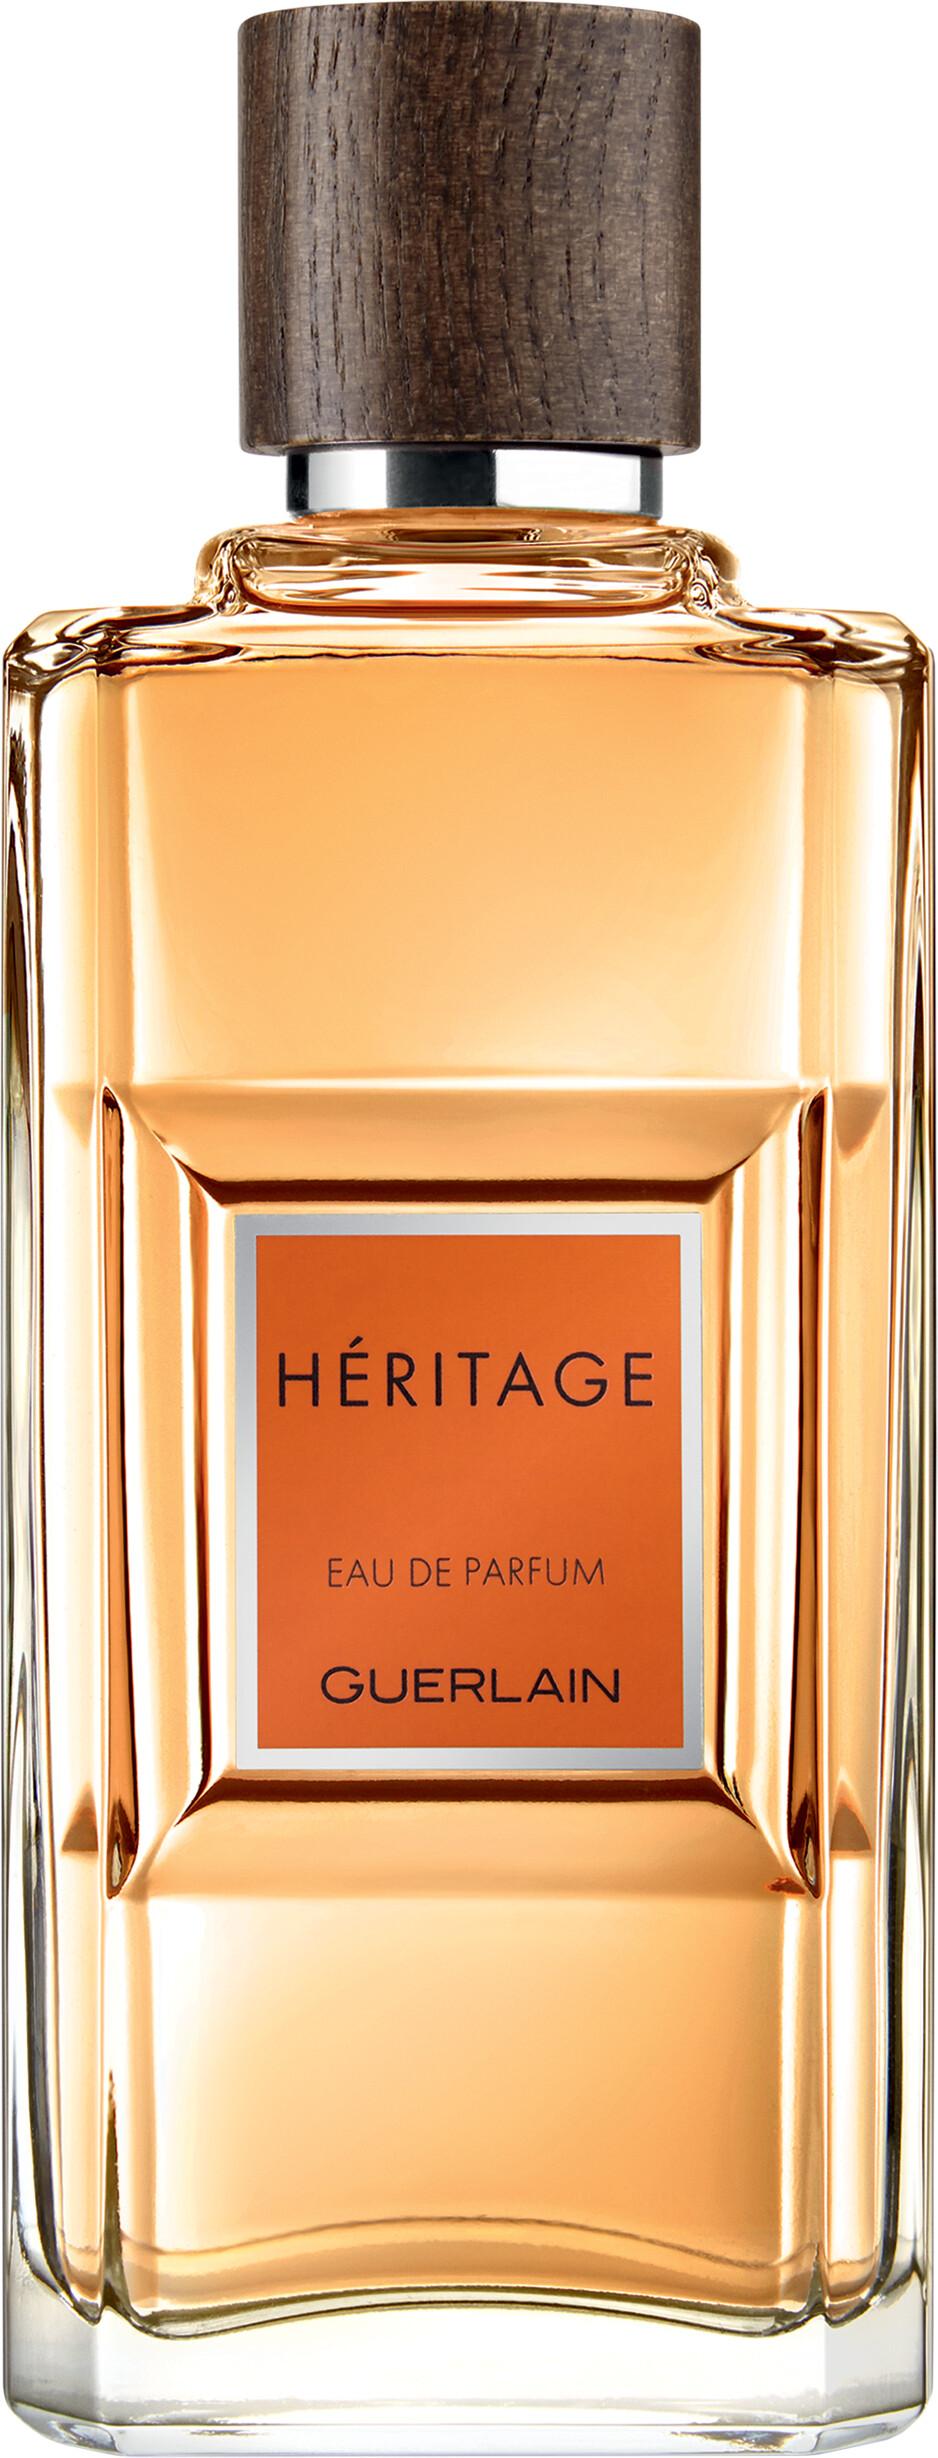 100ml Parfum Eau Spray Guerlain Heritage De Nn80mwOyv